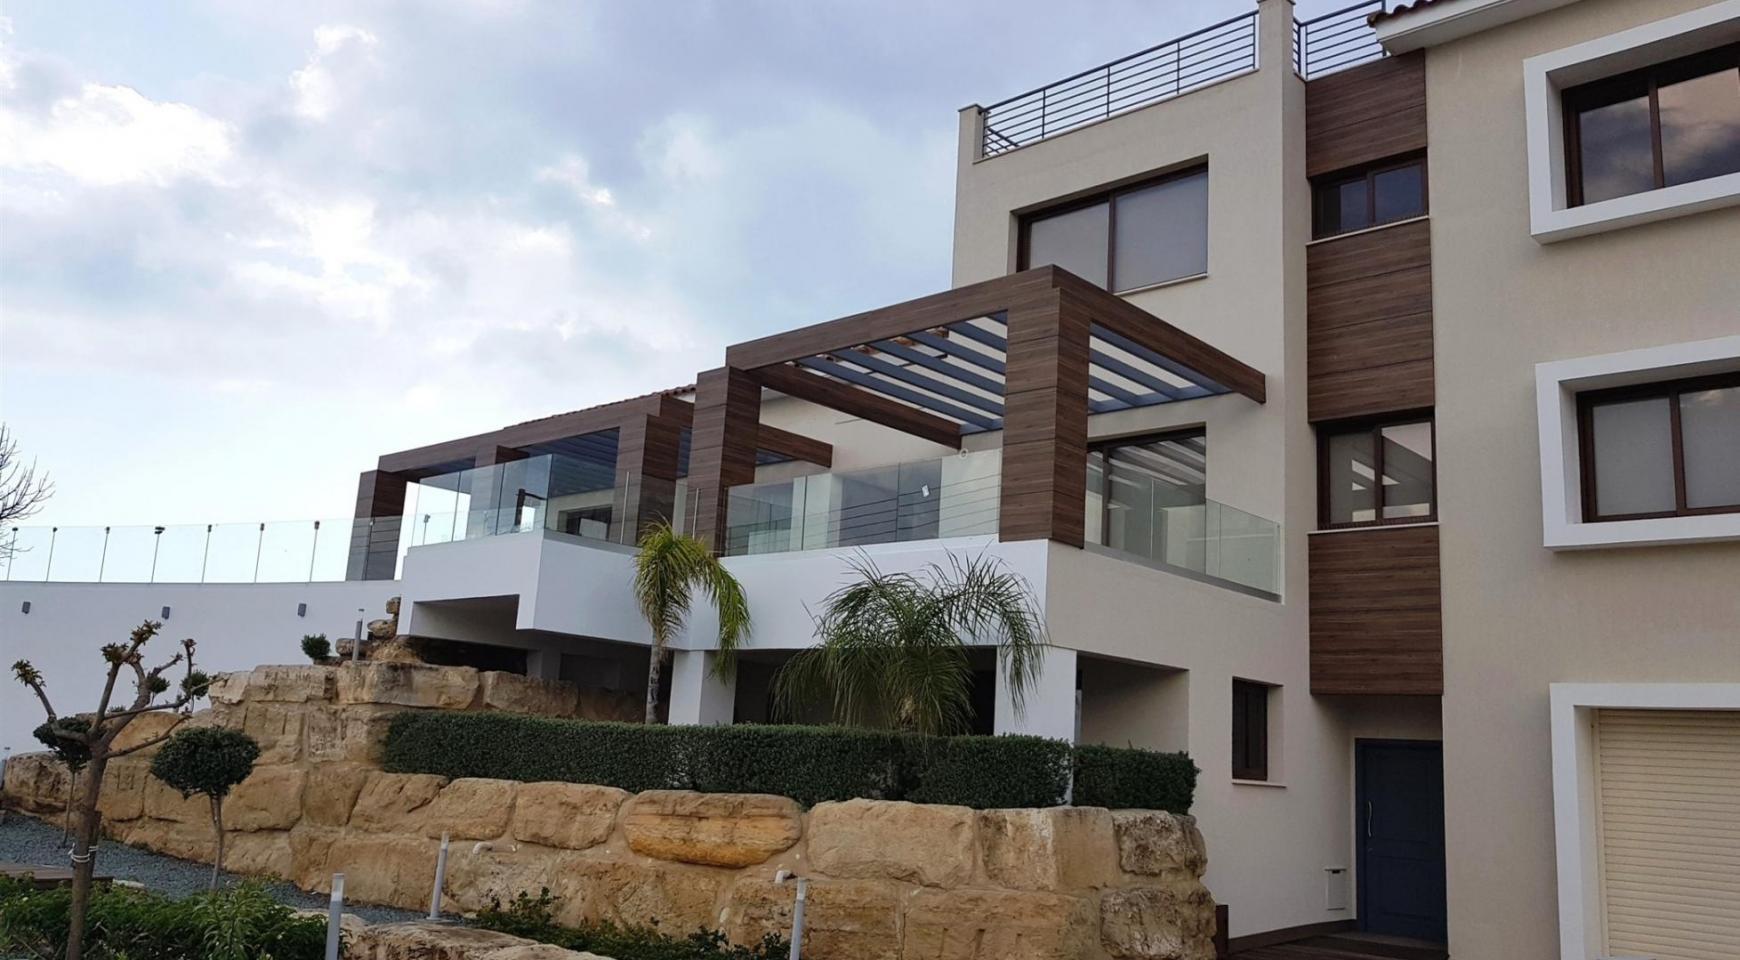 6 Bedroom Villa with Breathtaking Sea Views - 5